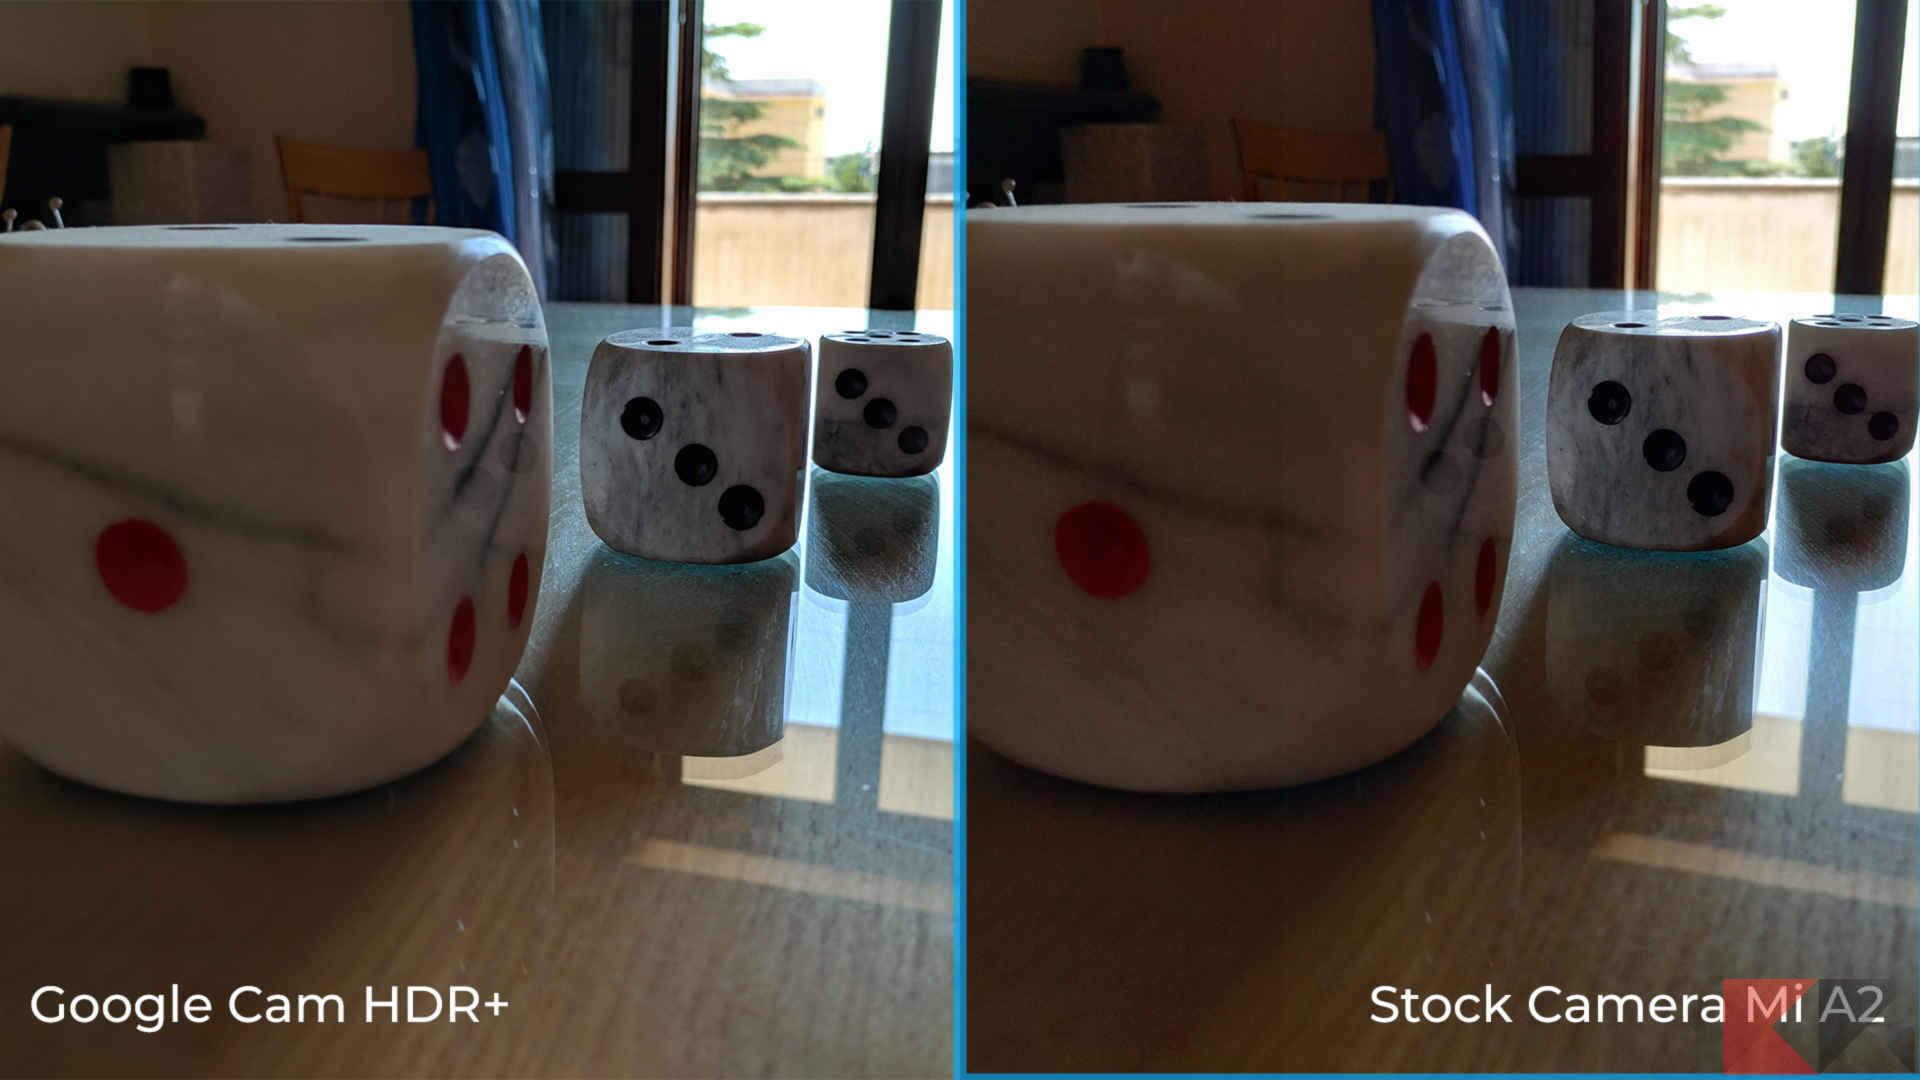 Come avere Google Camera su Xiaomi Mi A2 e Mi A2 Lite - ChimeraRevo